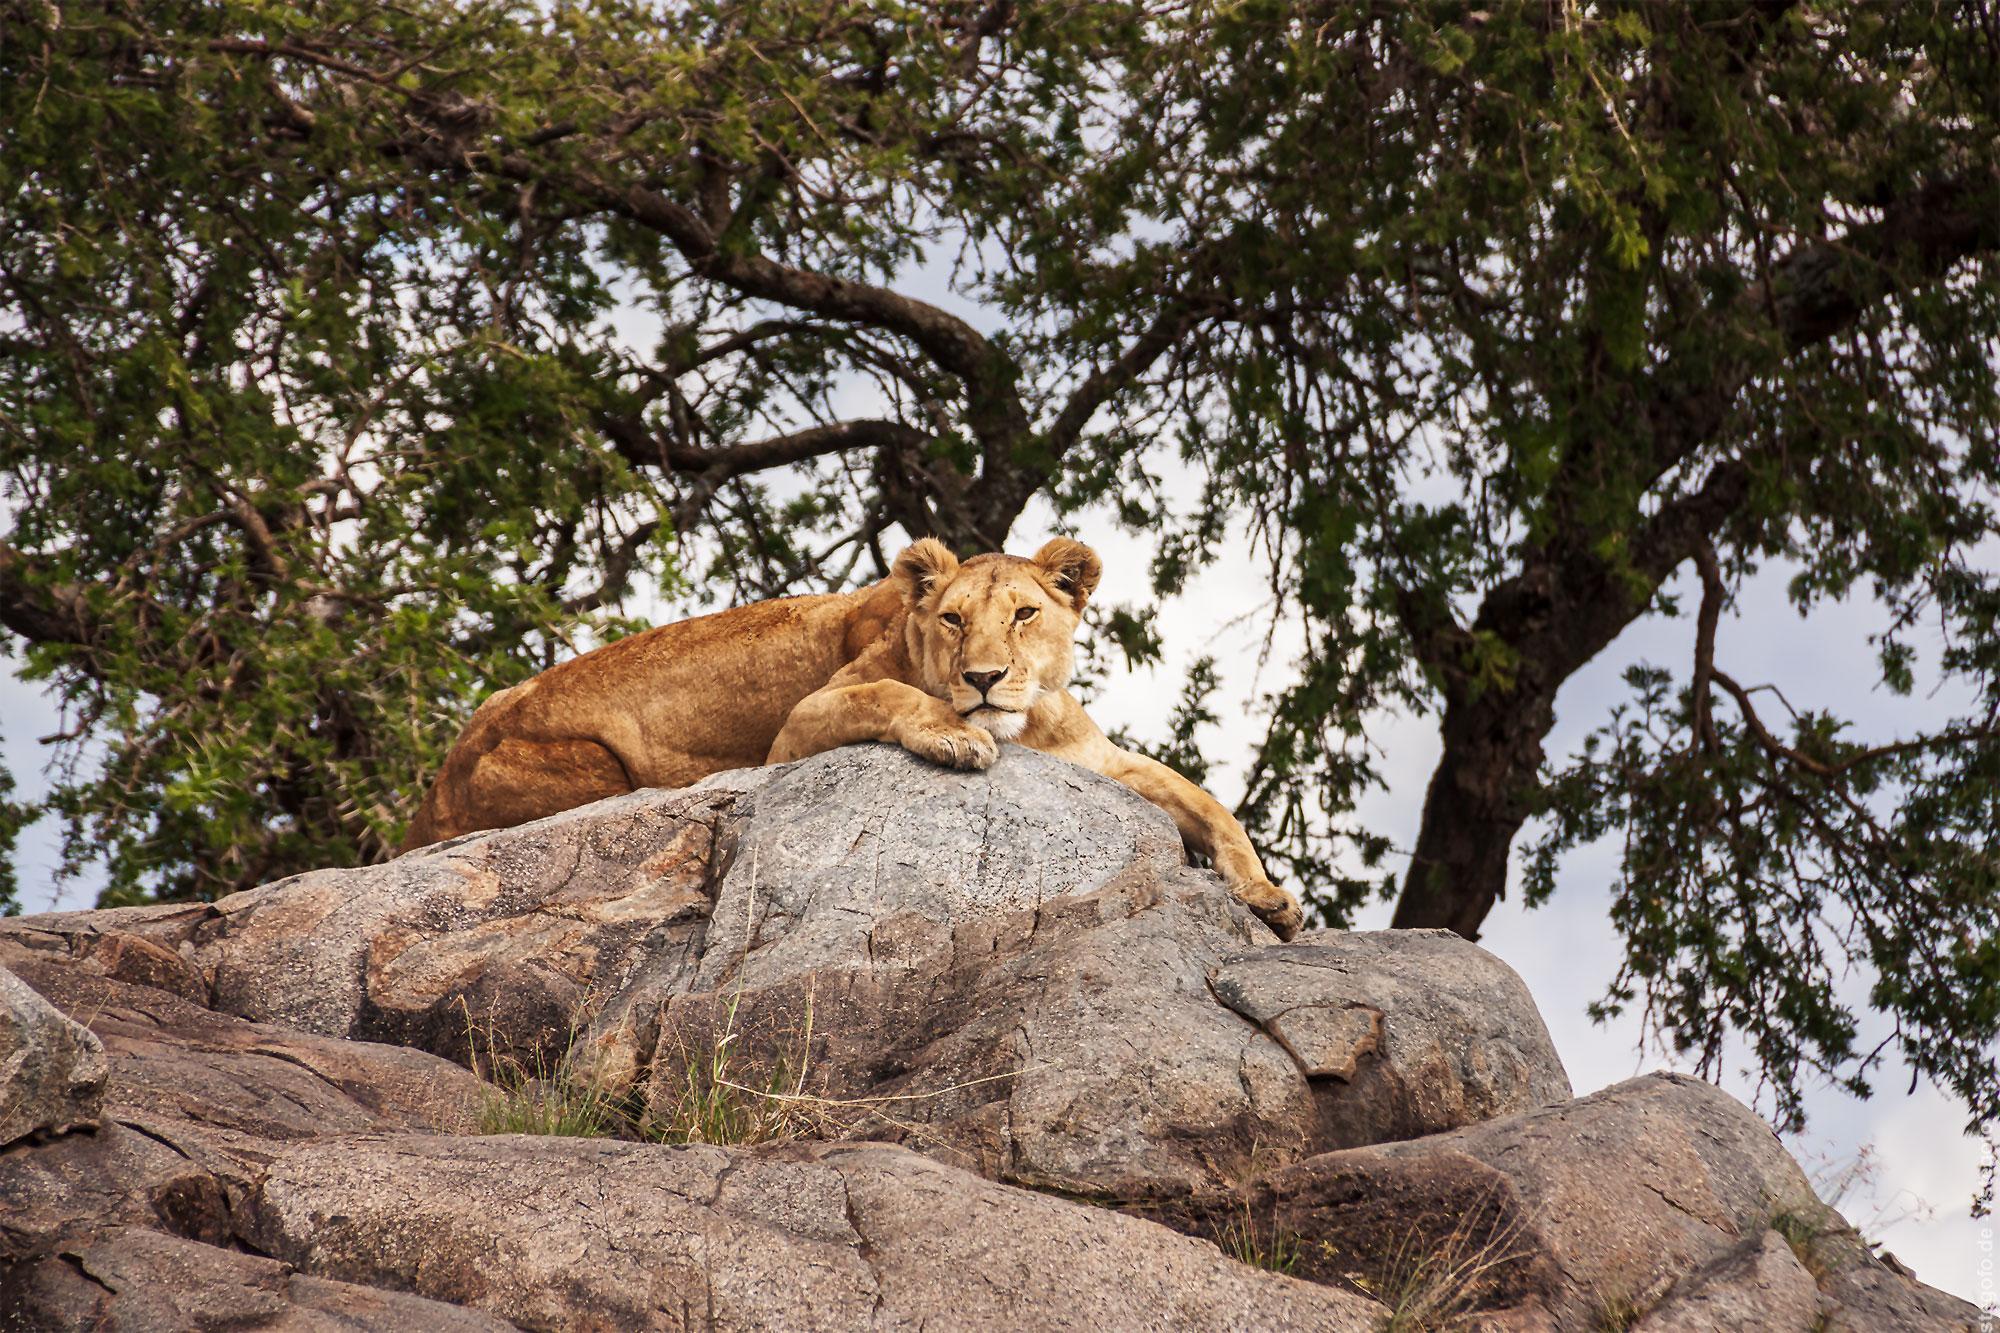 Die gelangweilte Löwin